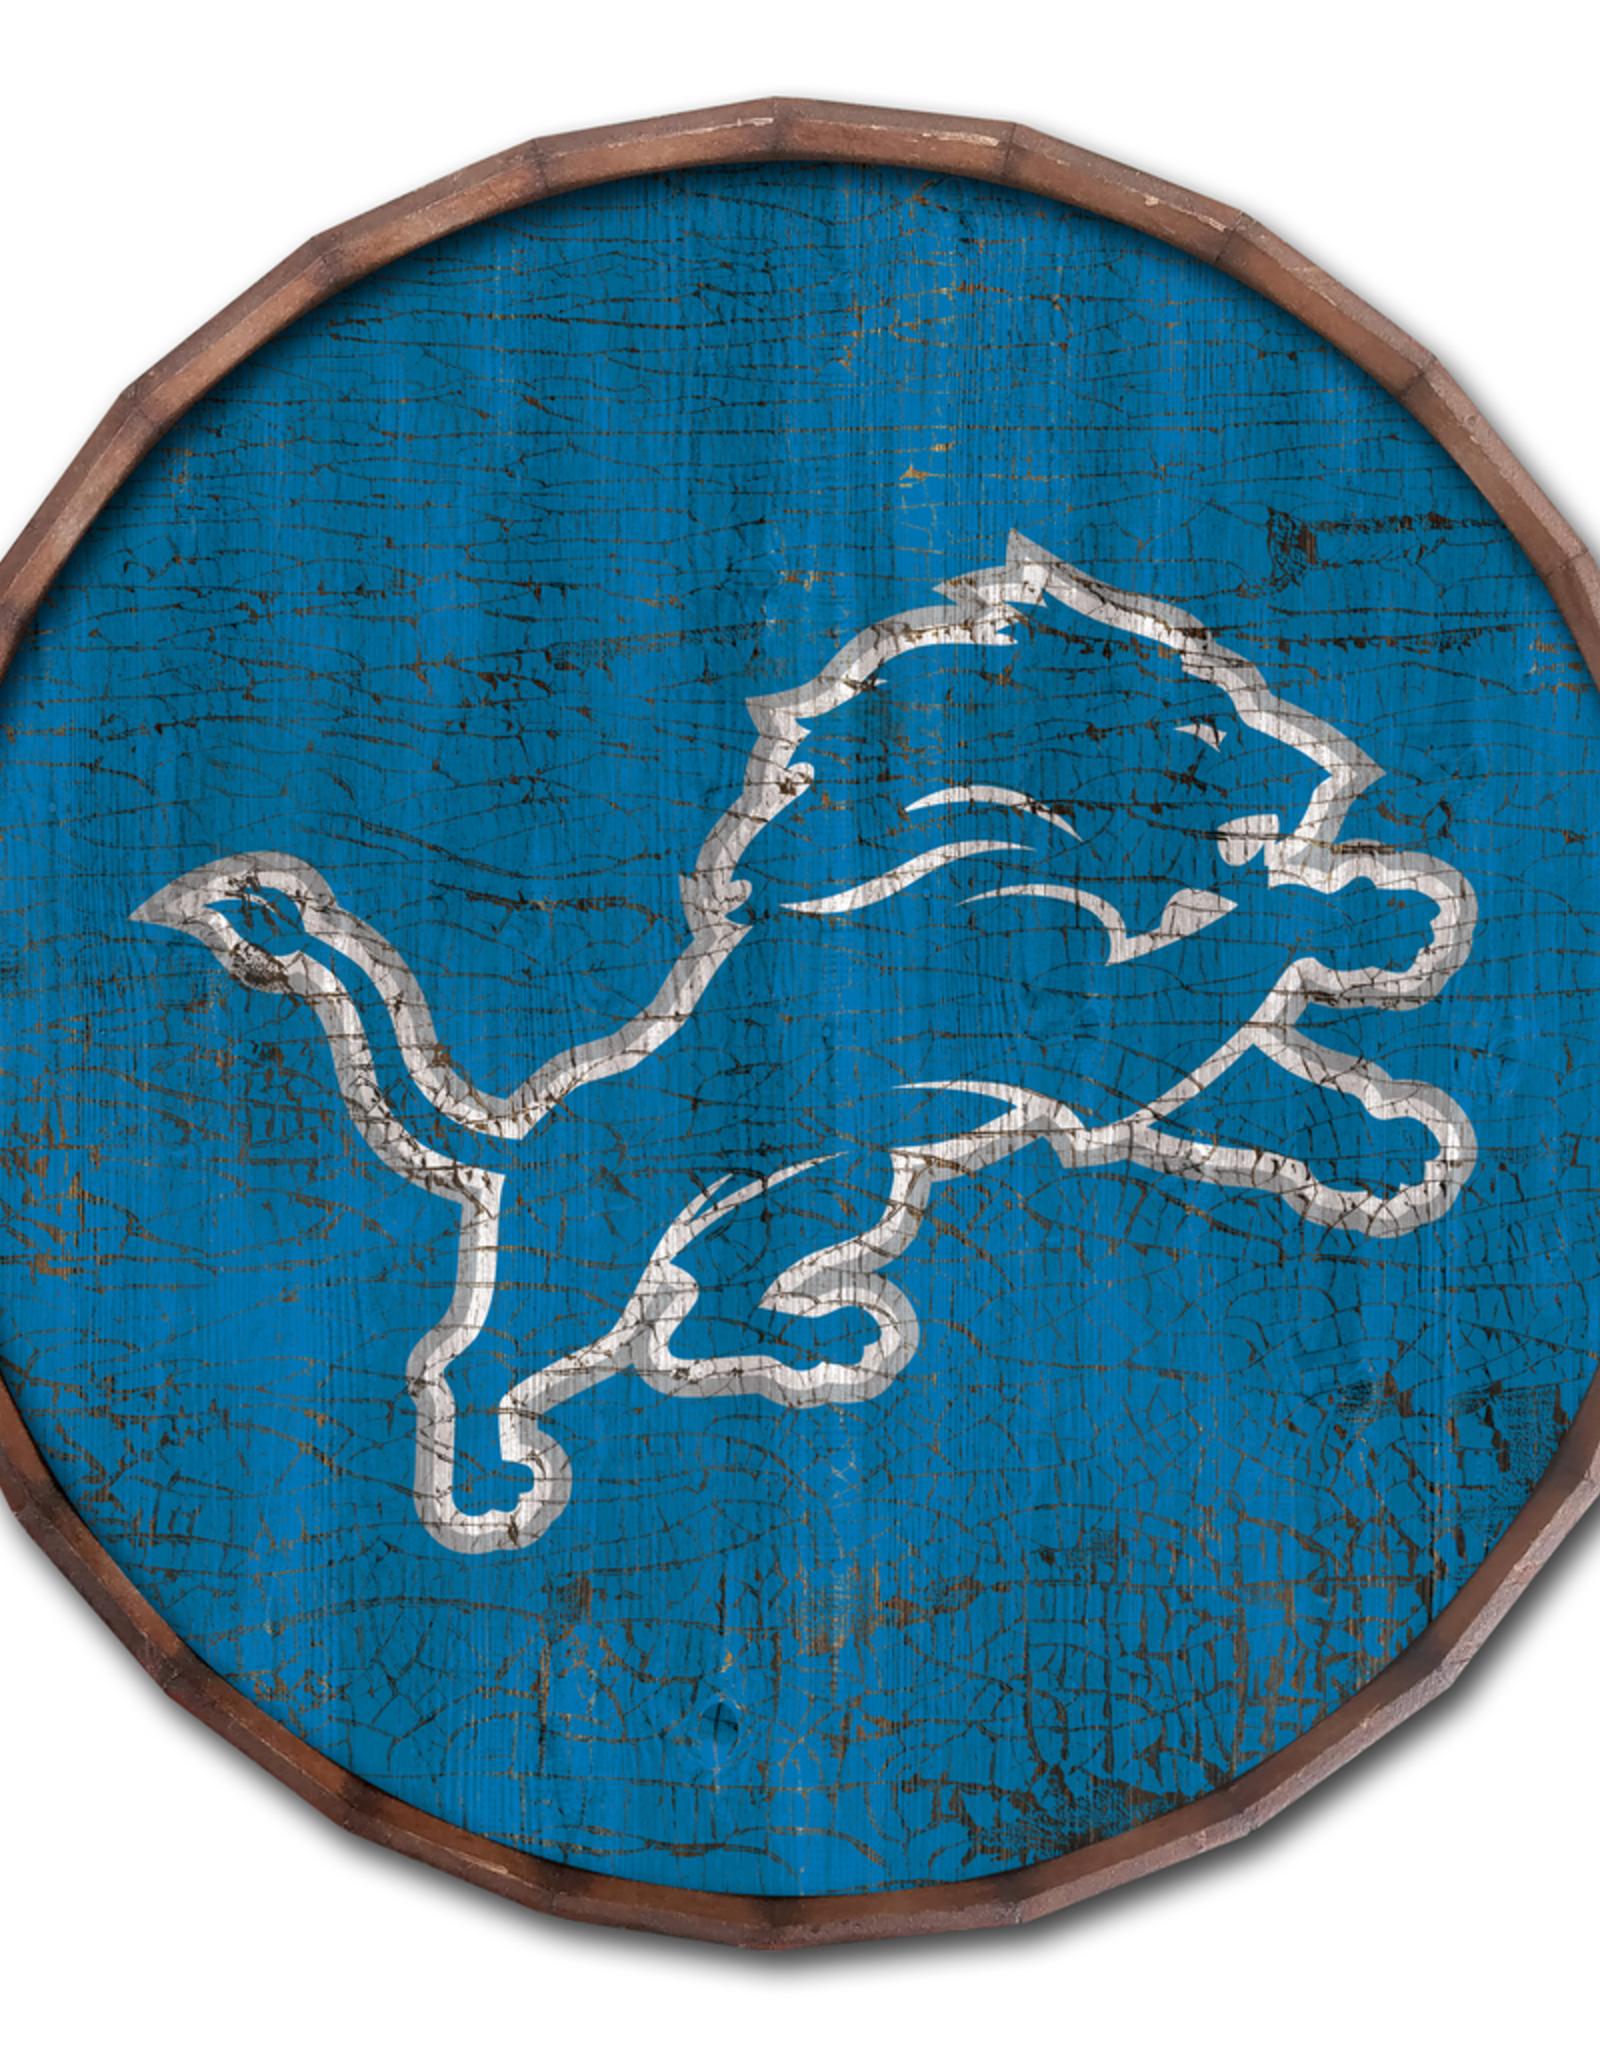 """FAN CREATIONS Detriot Lions 16"""" Cracked Barrel Top - TC"""